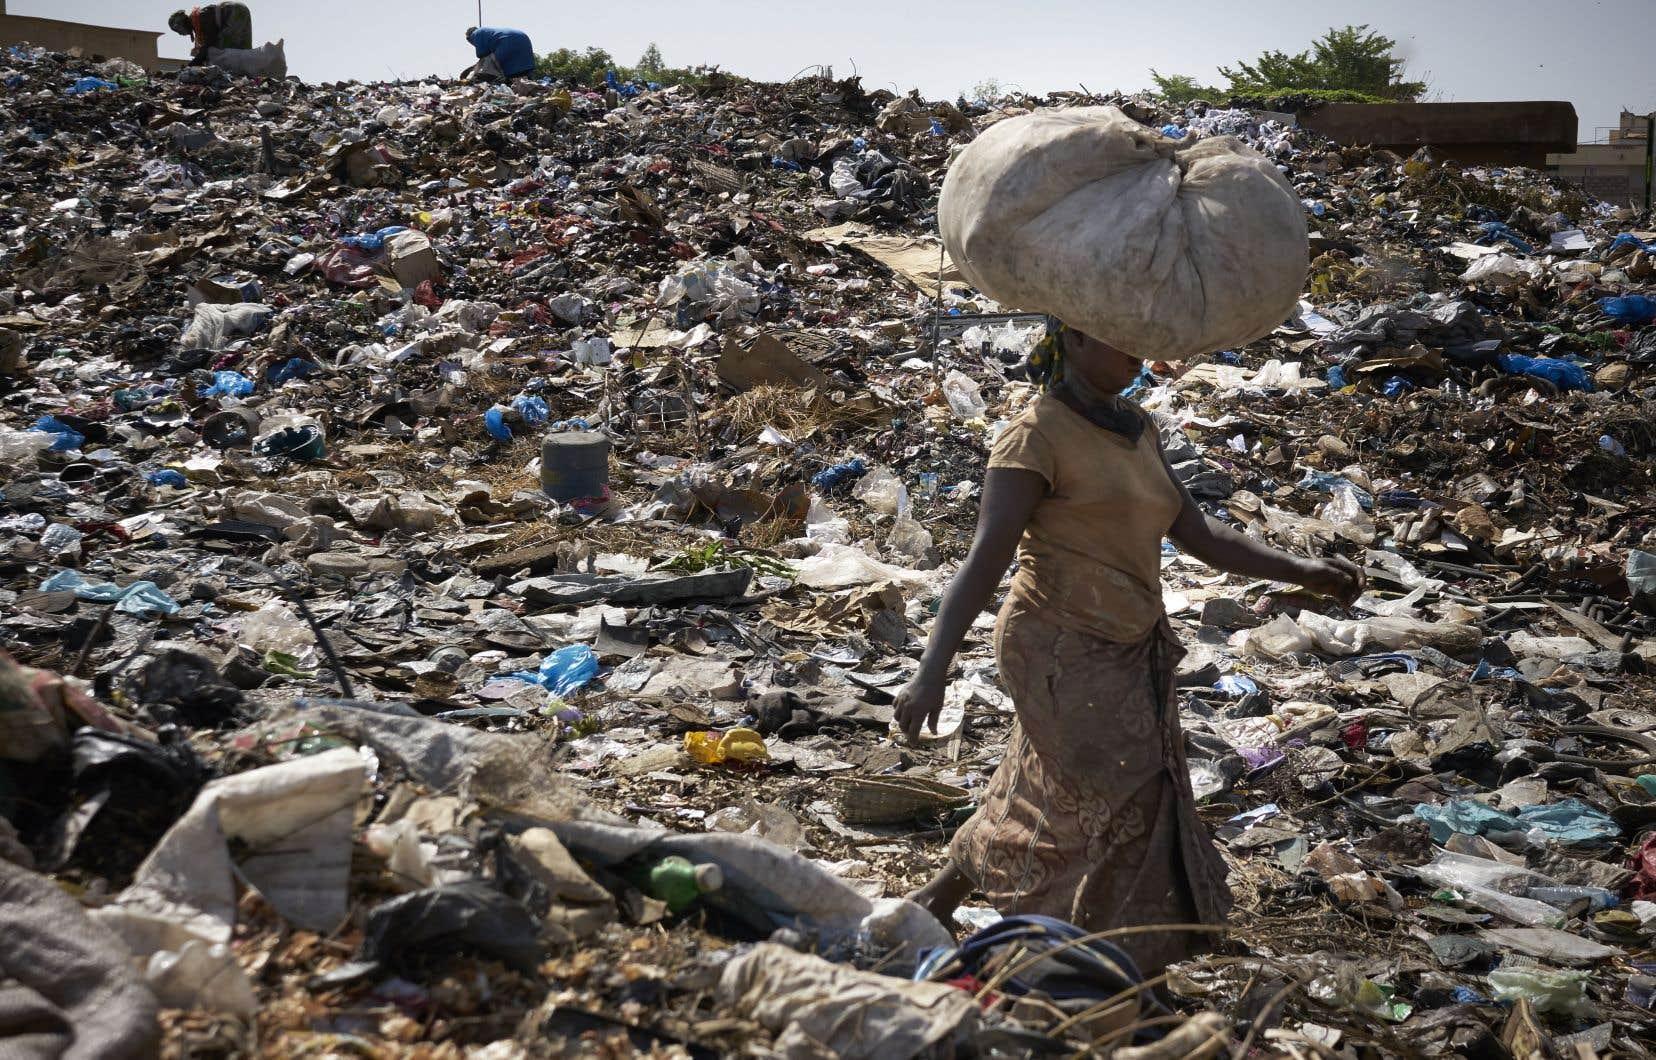 Pourquoi ne pas avoir opté plutôt pour la solidarité humaine et décidé d'aider les pays les plus pauvres, notamment ceux de l'Afrique?